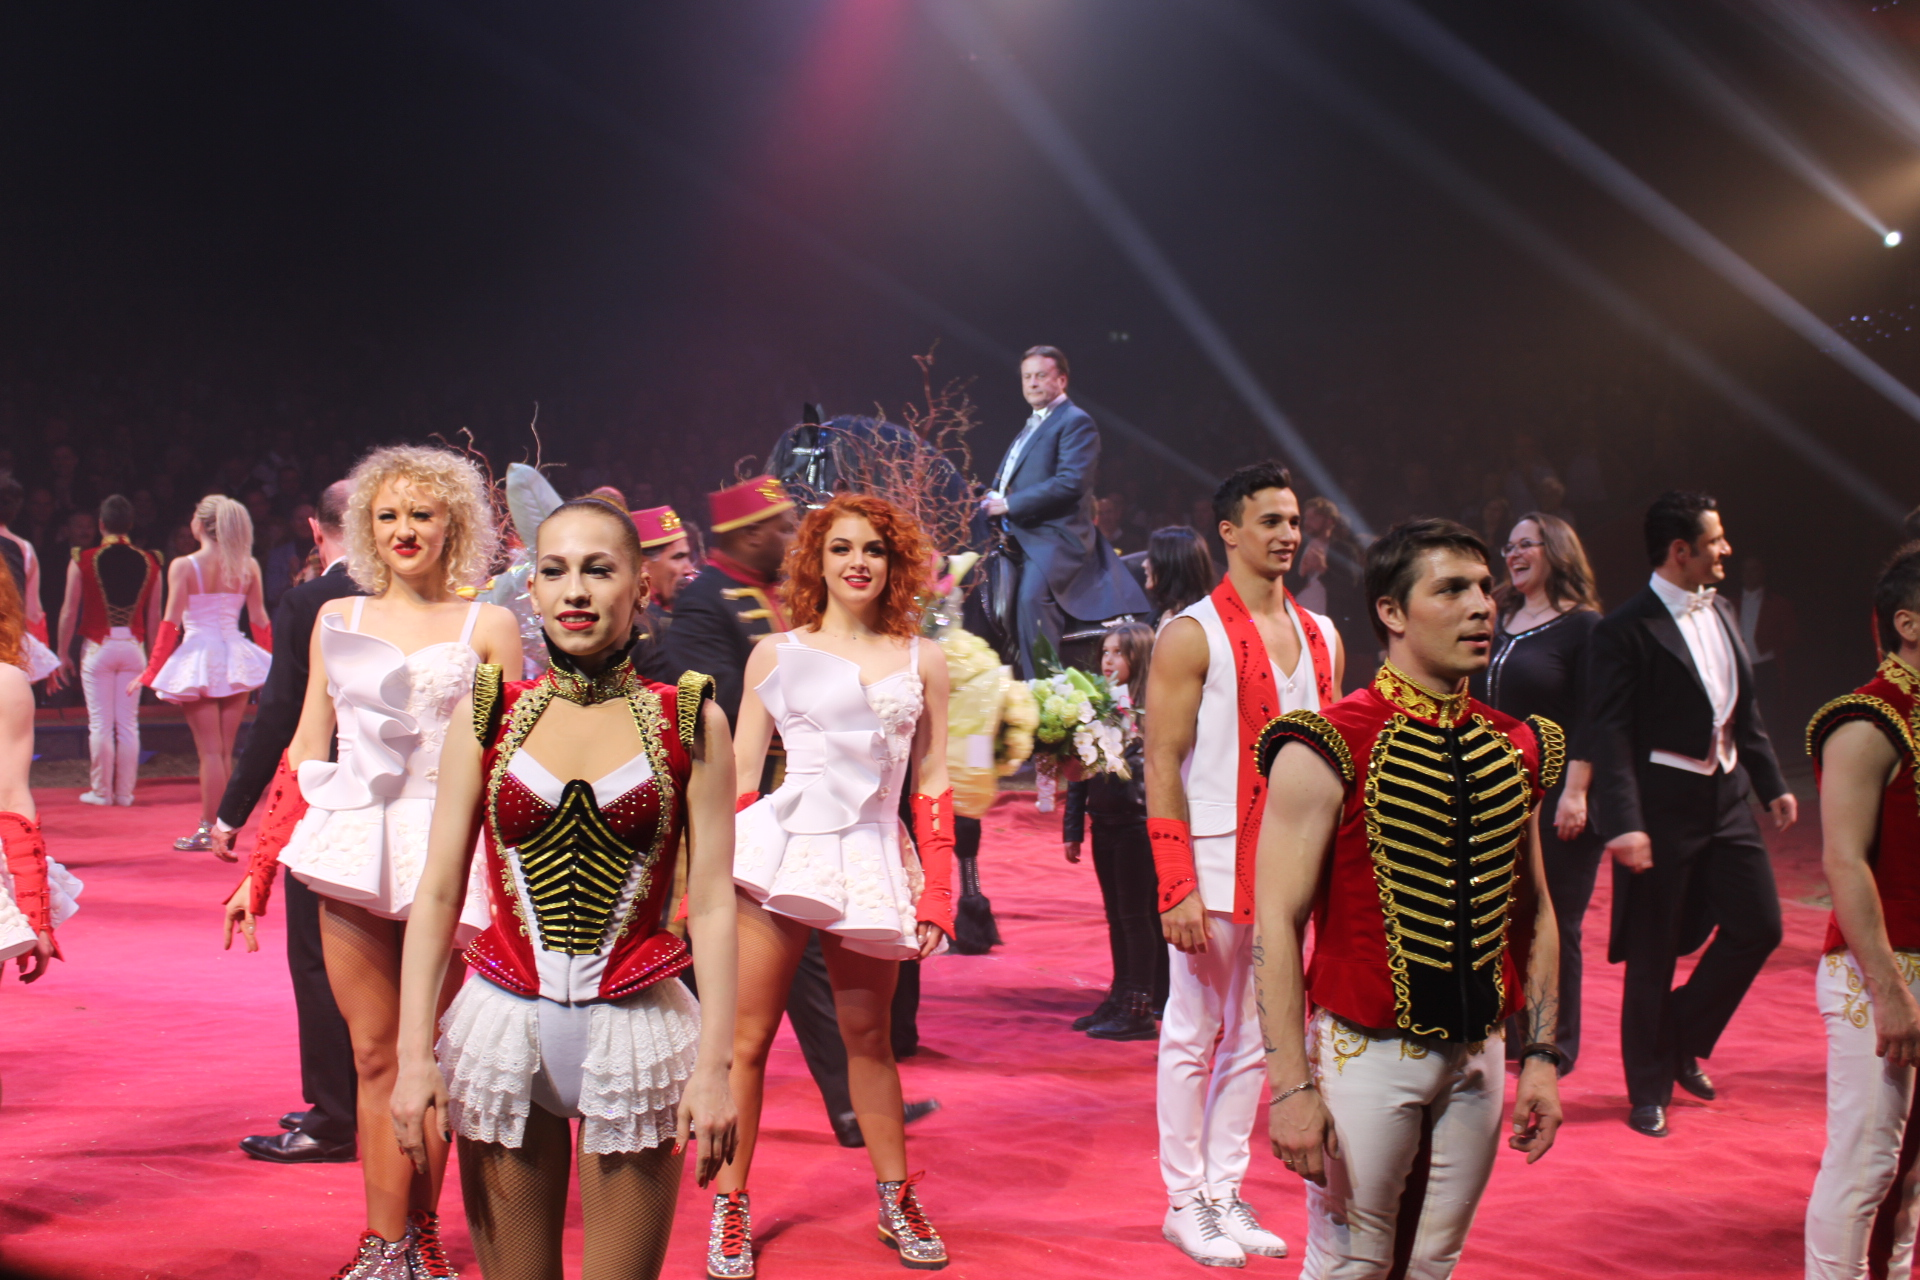 Circus Knie startete Jubiläumstournee